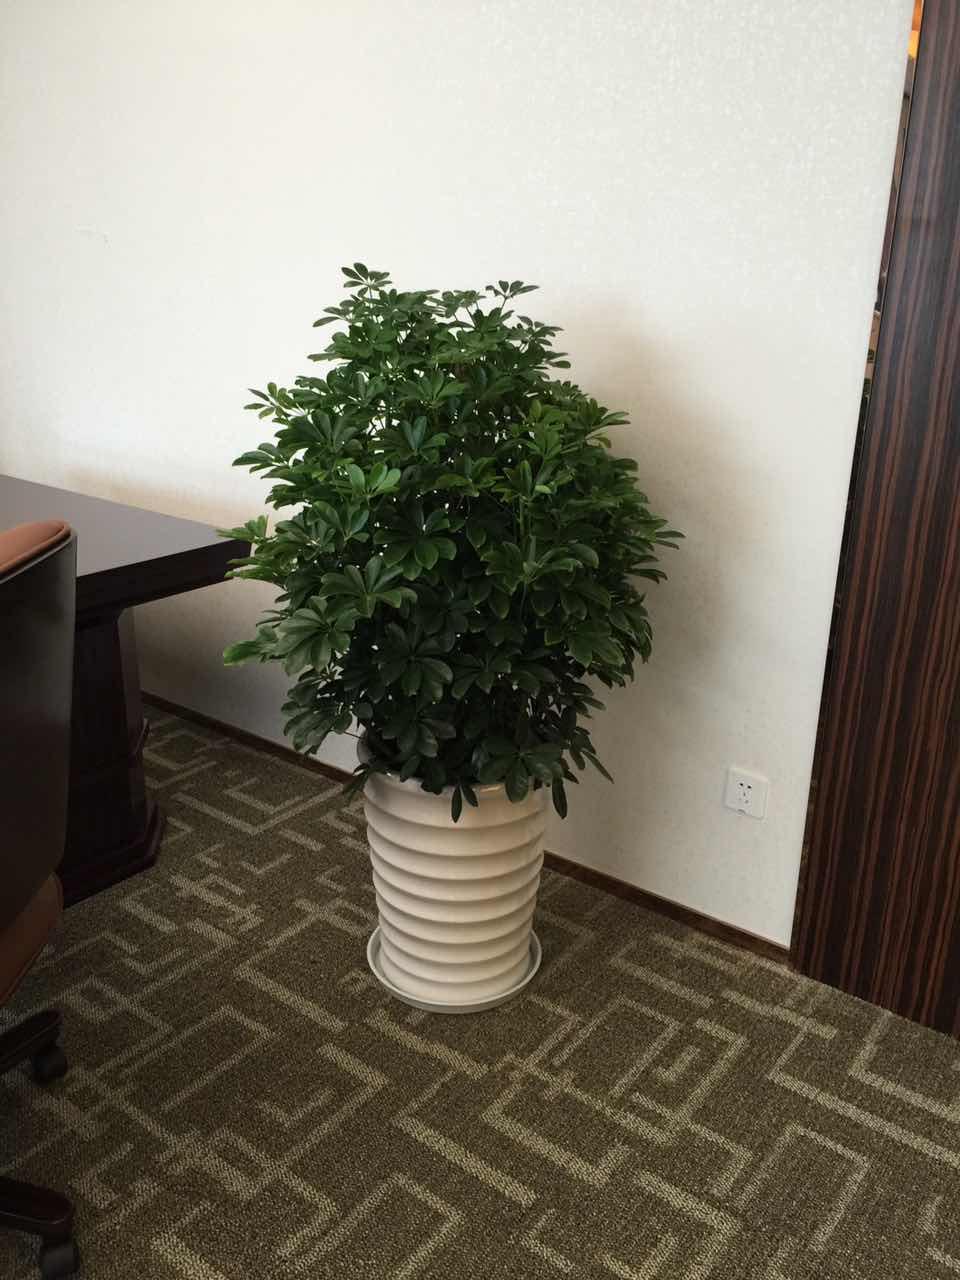 一花一世界,一桌一绿植,桌面绿植大推荐!